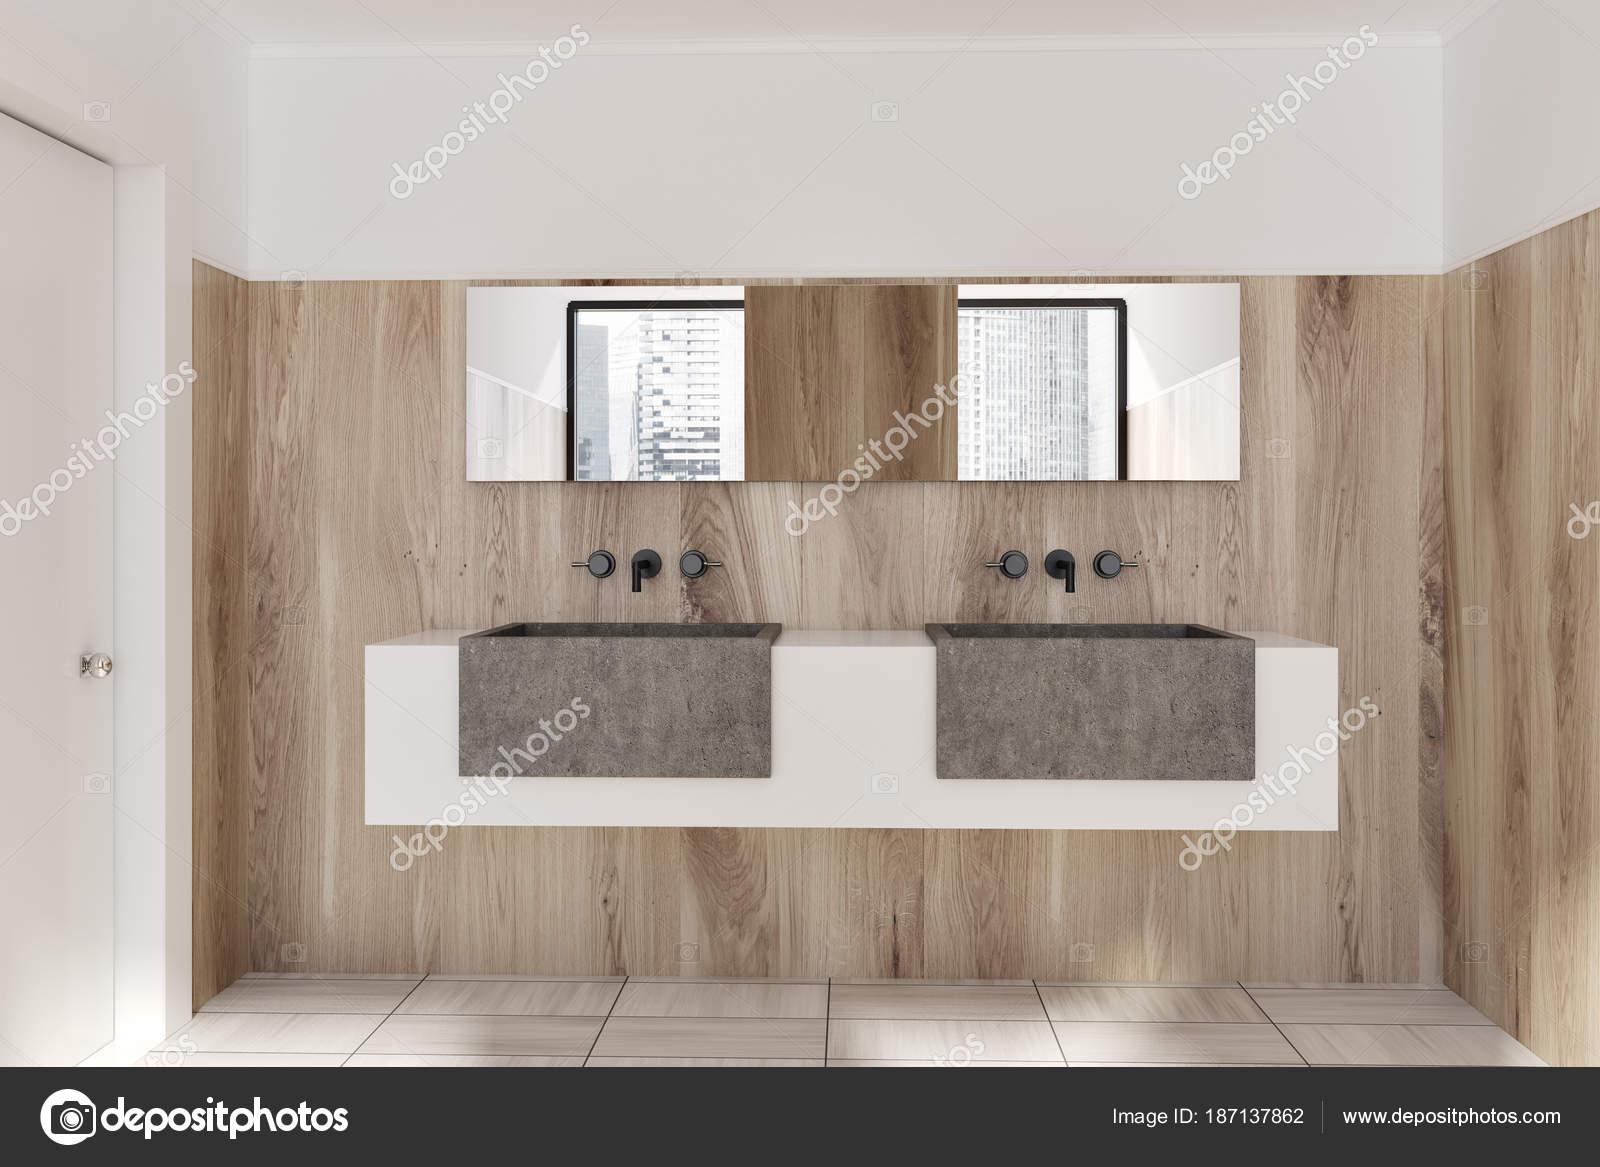 Doppel Waschbecken Aus Holz Badezimmer Interieur Stockfoto